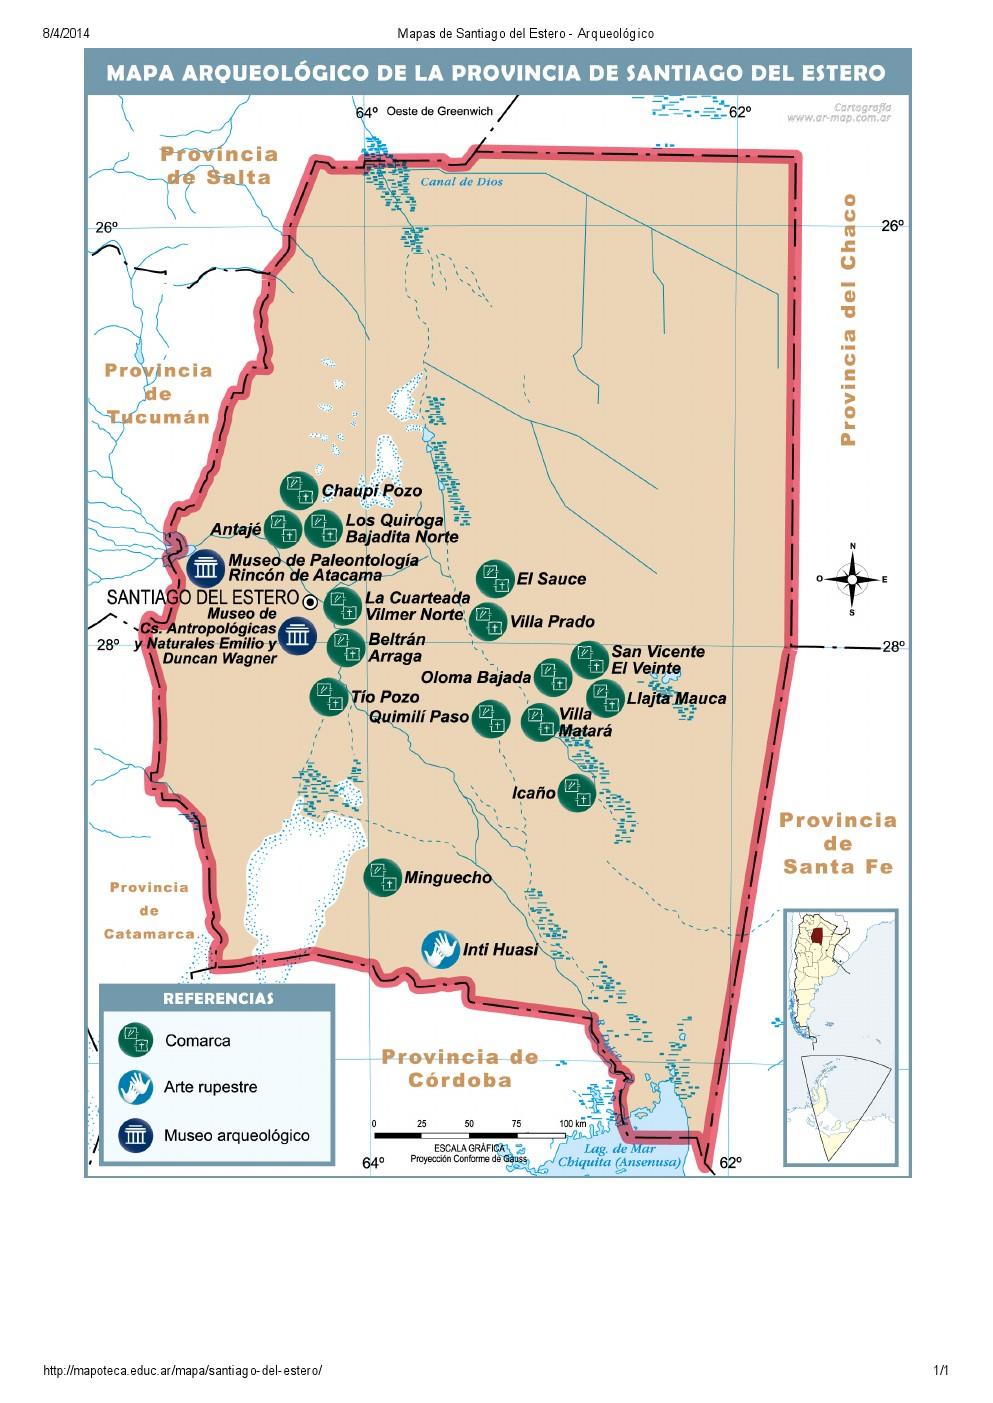 Mapa arqueológico de Santiago del Estero. Mapoteca de Educ.ar